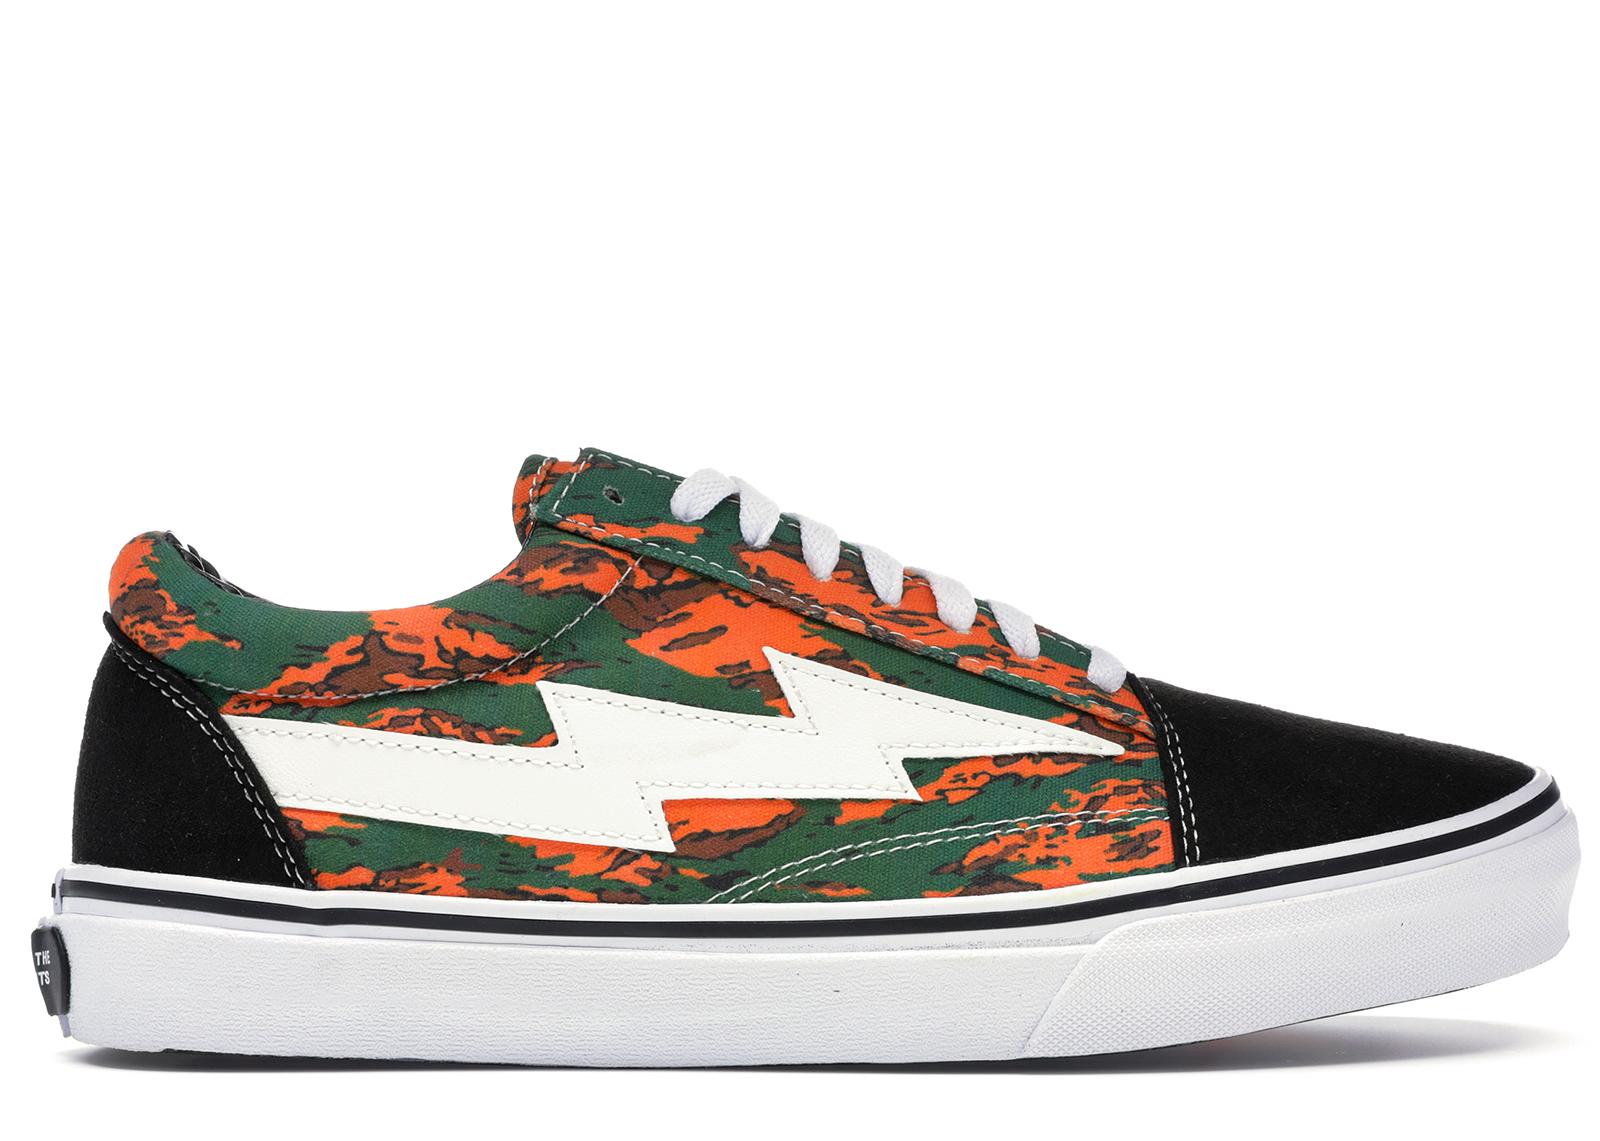 Storm Low Top Orange/Green Camo - Sneakers